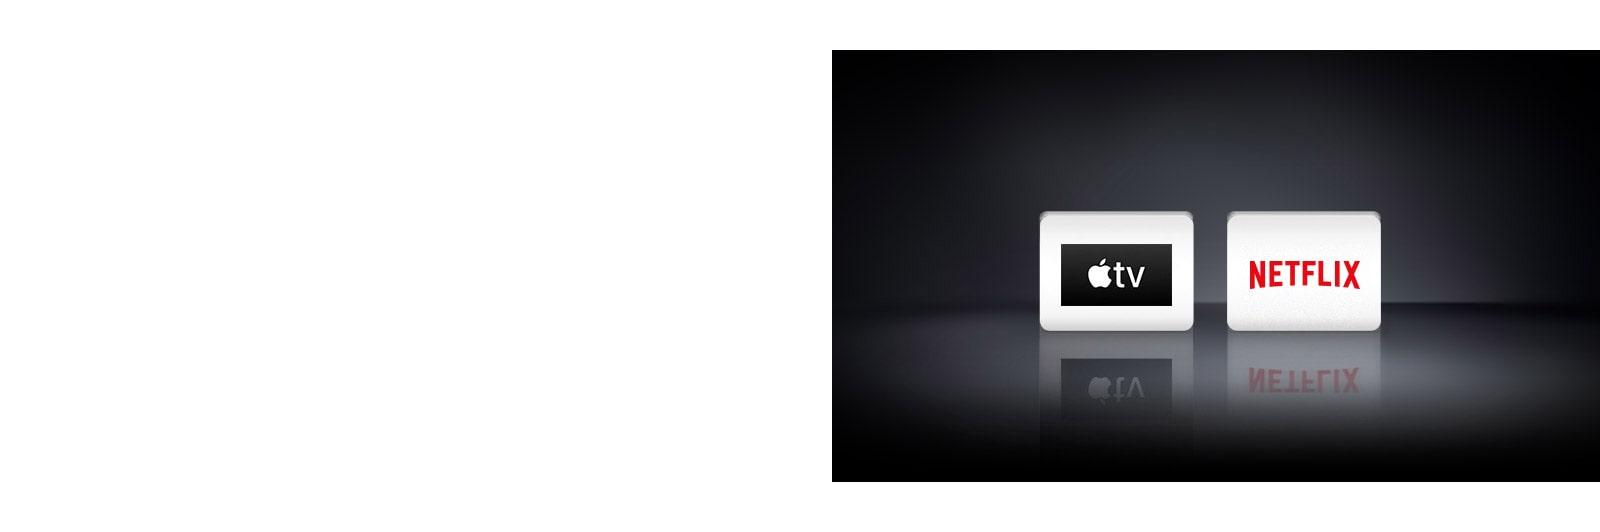 logo: Netflix,Apple TV